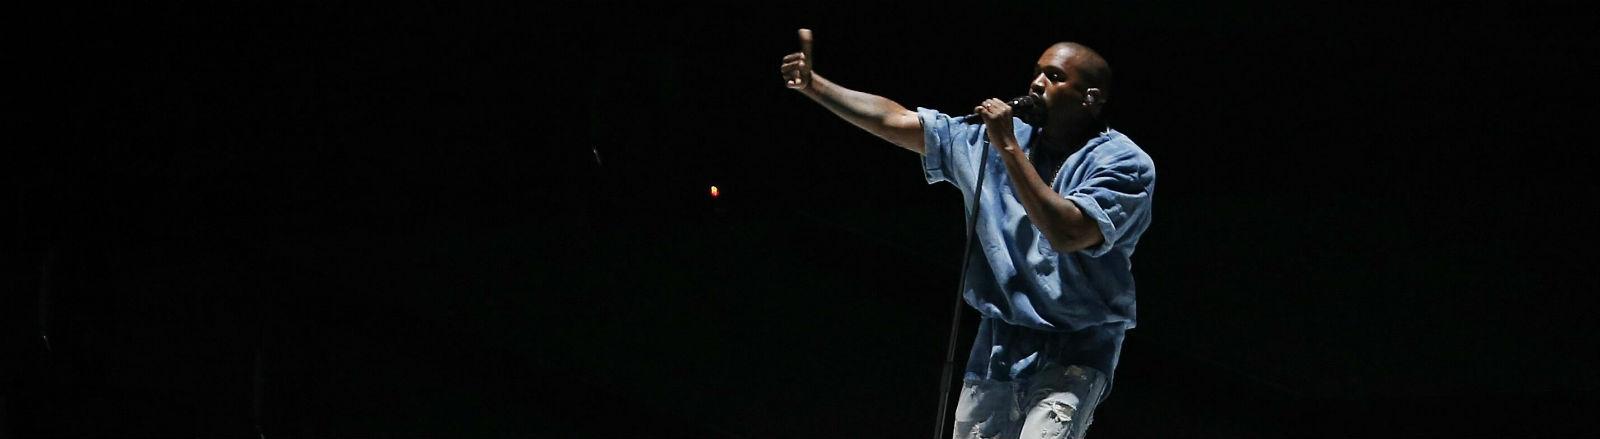 Der Rapper Kanye West auf der Bühne, in Jeanskleidung, vor schwarzem Hintergrund.